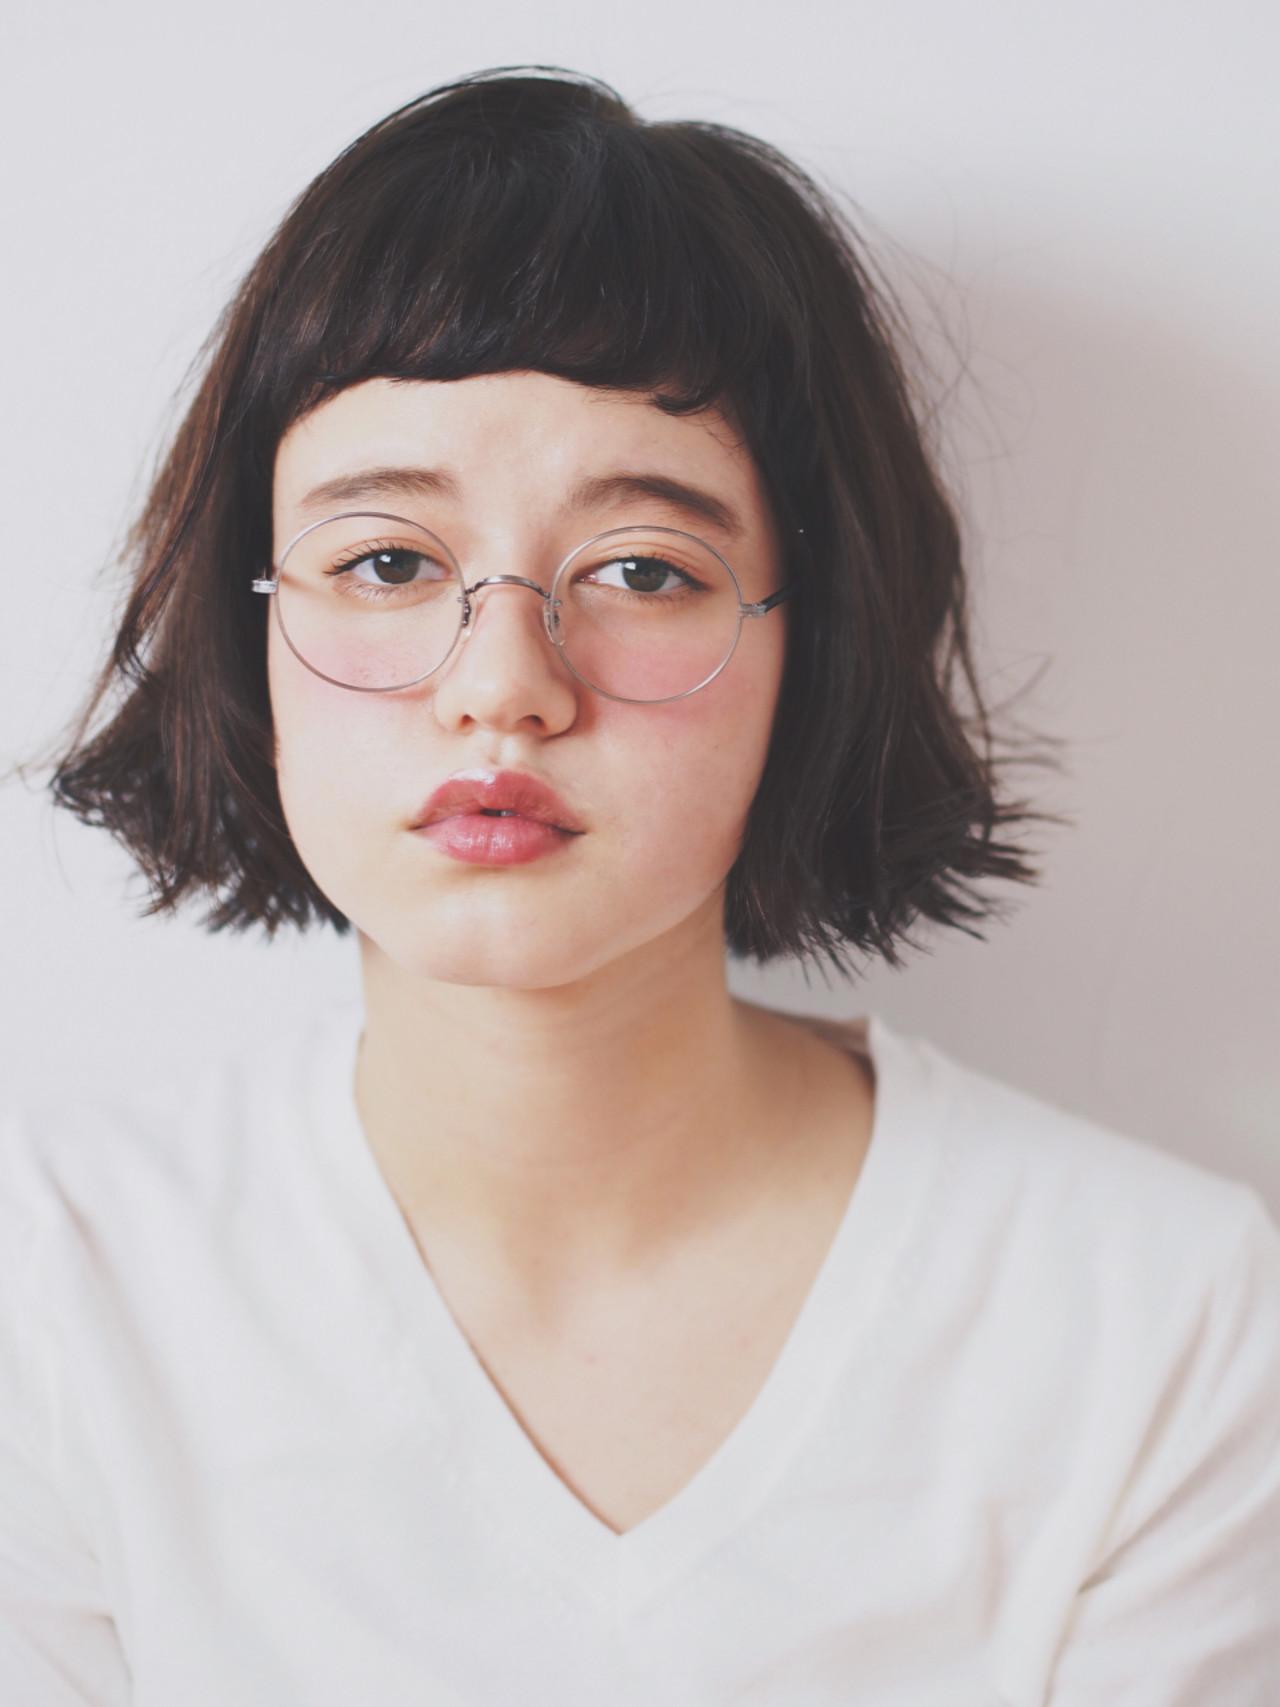 前髪あり パーマ 外国人風 アッシュ ヘアスタイルや髪型の写真・画像 | Natsuko Kodama 児玉奈都子 / dydi